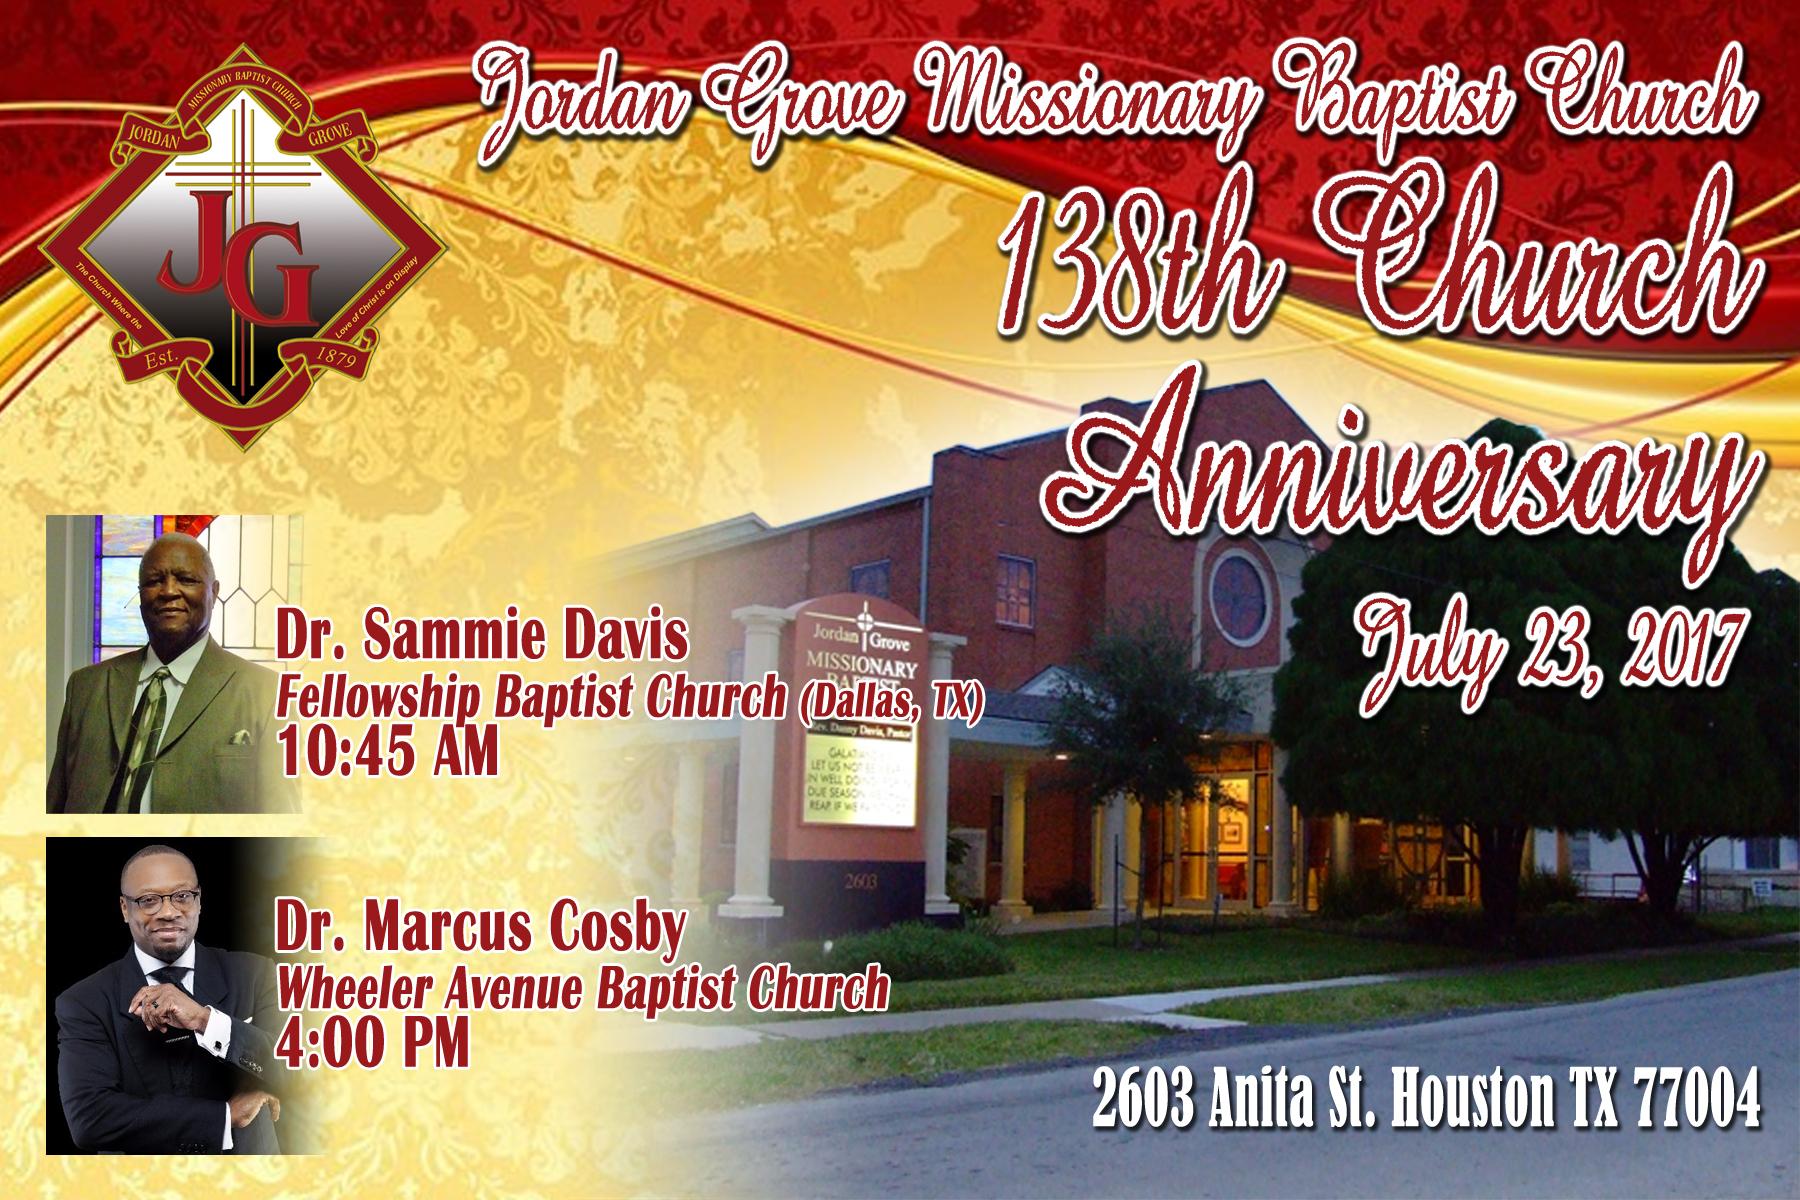 138th Church Anniversary